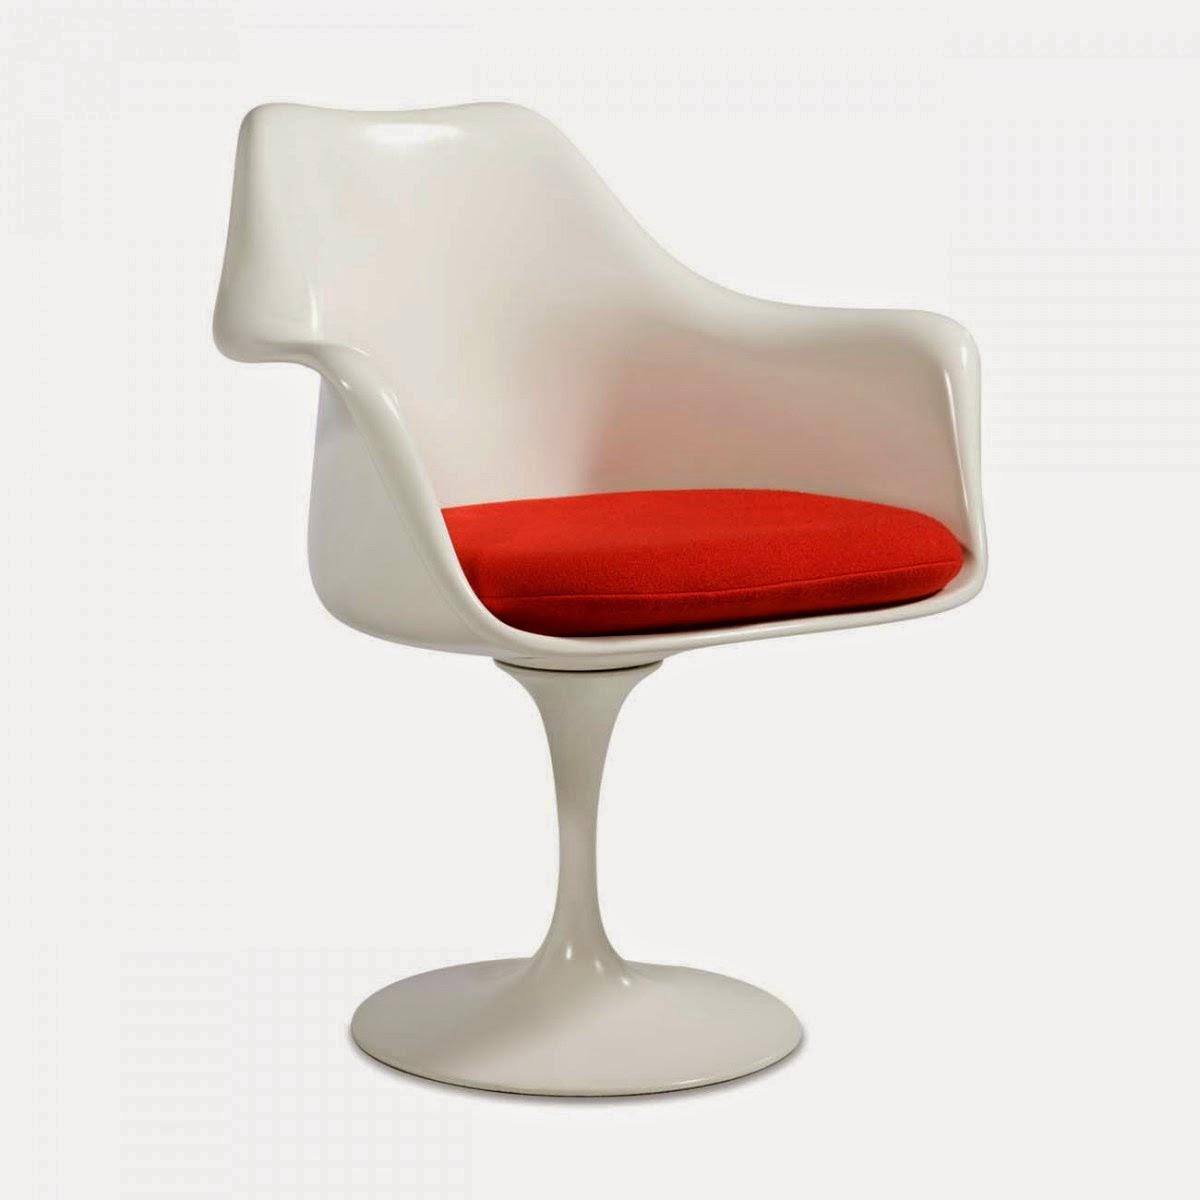 cadeira Tulipa - Saarinen